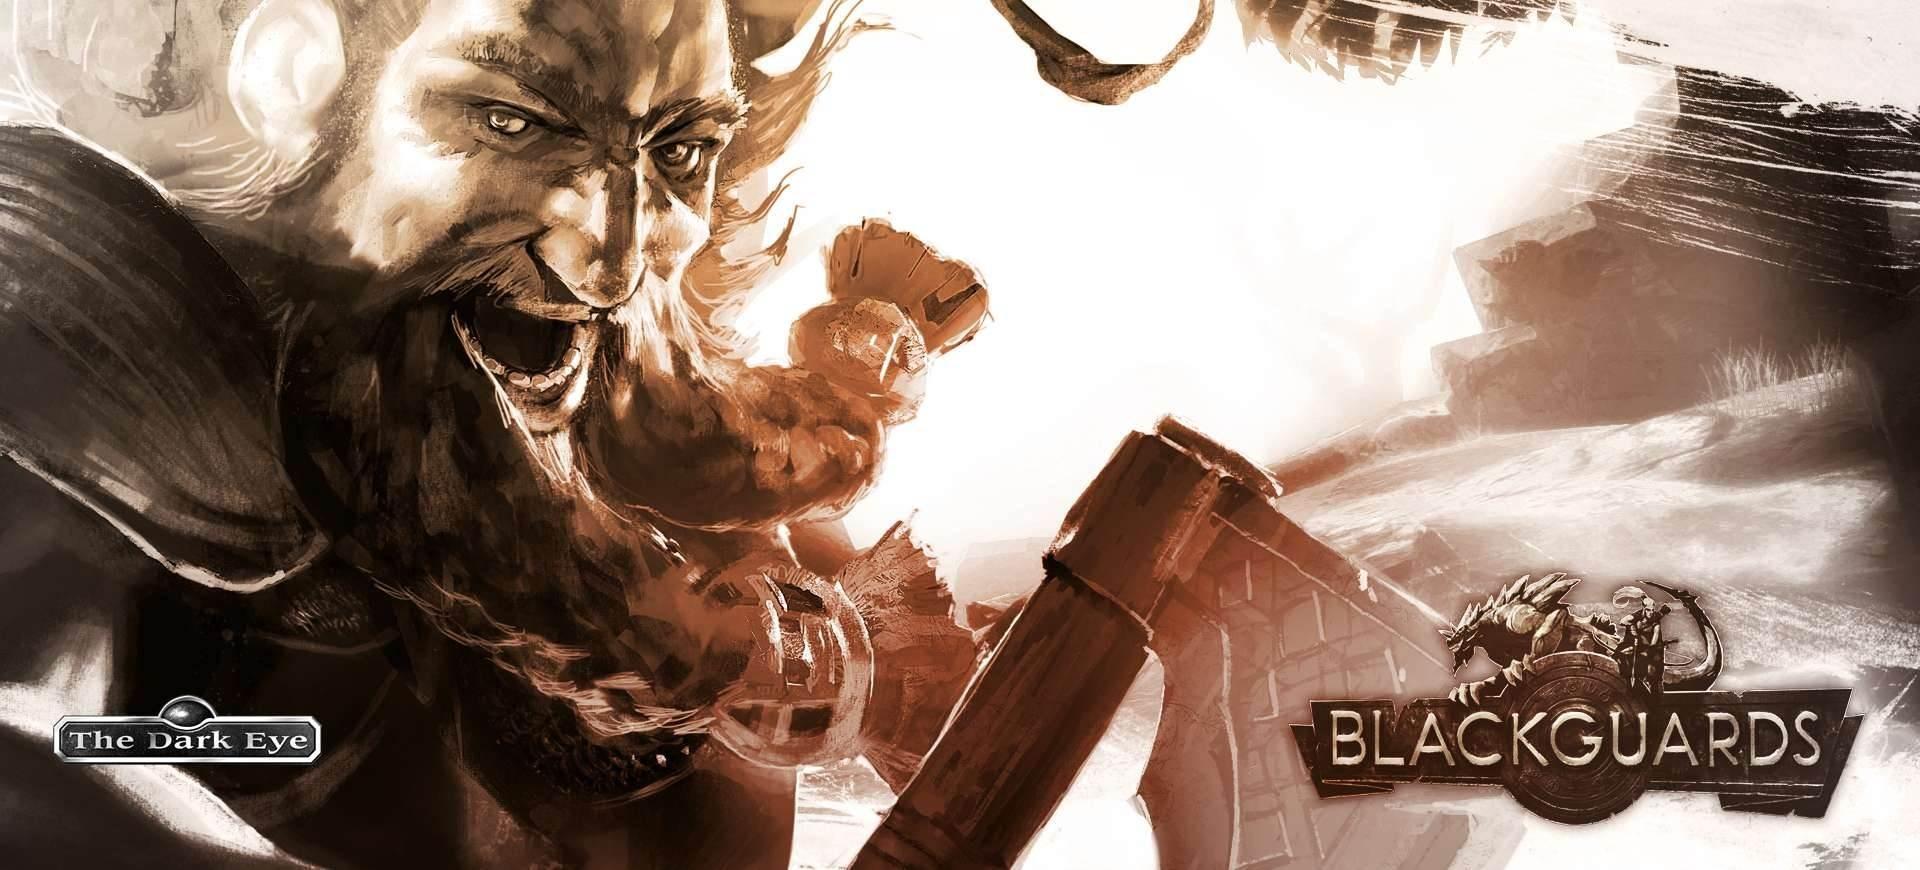 Blackguards - Đánh Giá Game